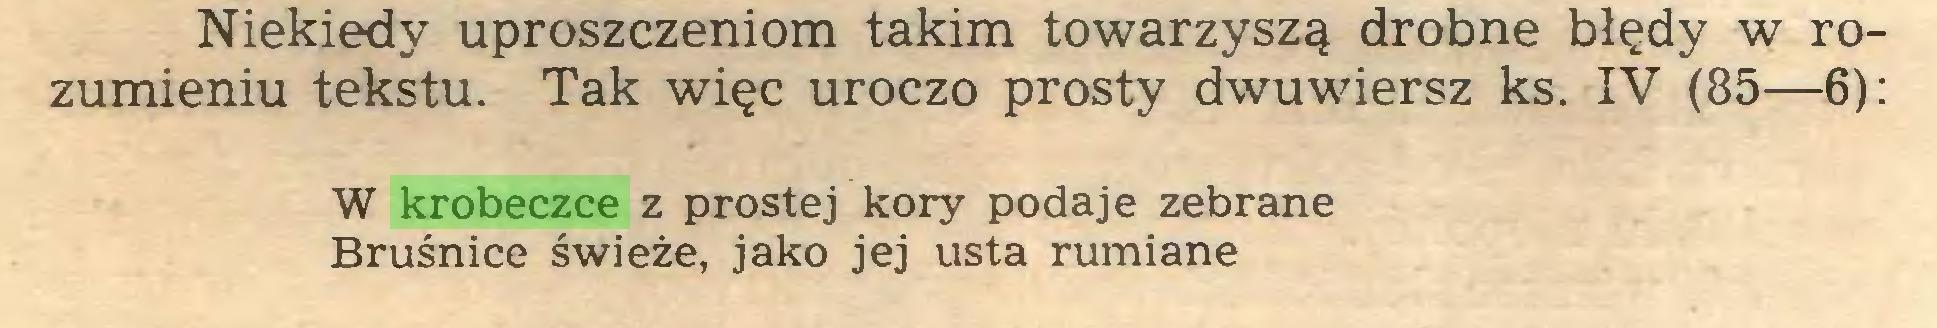 (...) Niekiedy uproszczeniom takim towarzyszą drobne błędy w rozumieniu tekstu. Tak więc uroczo prosty dwuwiersz ks. IV (85—6): W krobeczce z prostej kory podaje zebrane Bruśnice świeże, jako jej usta rumiane...